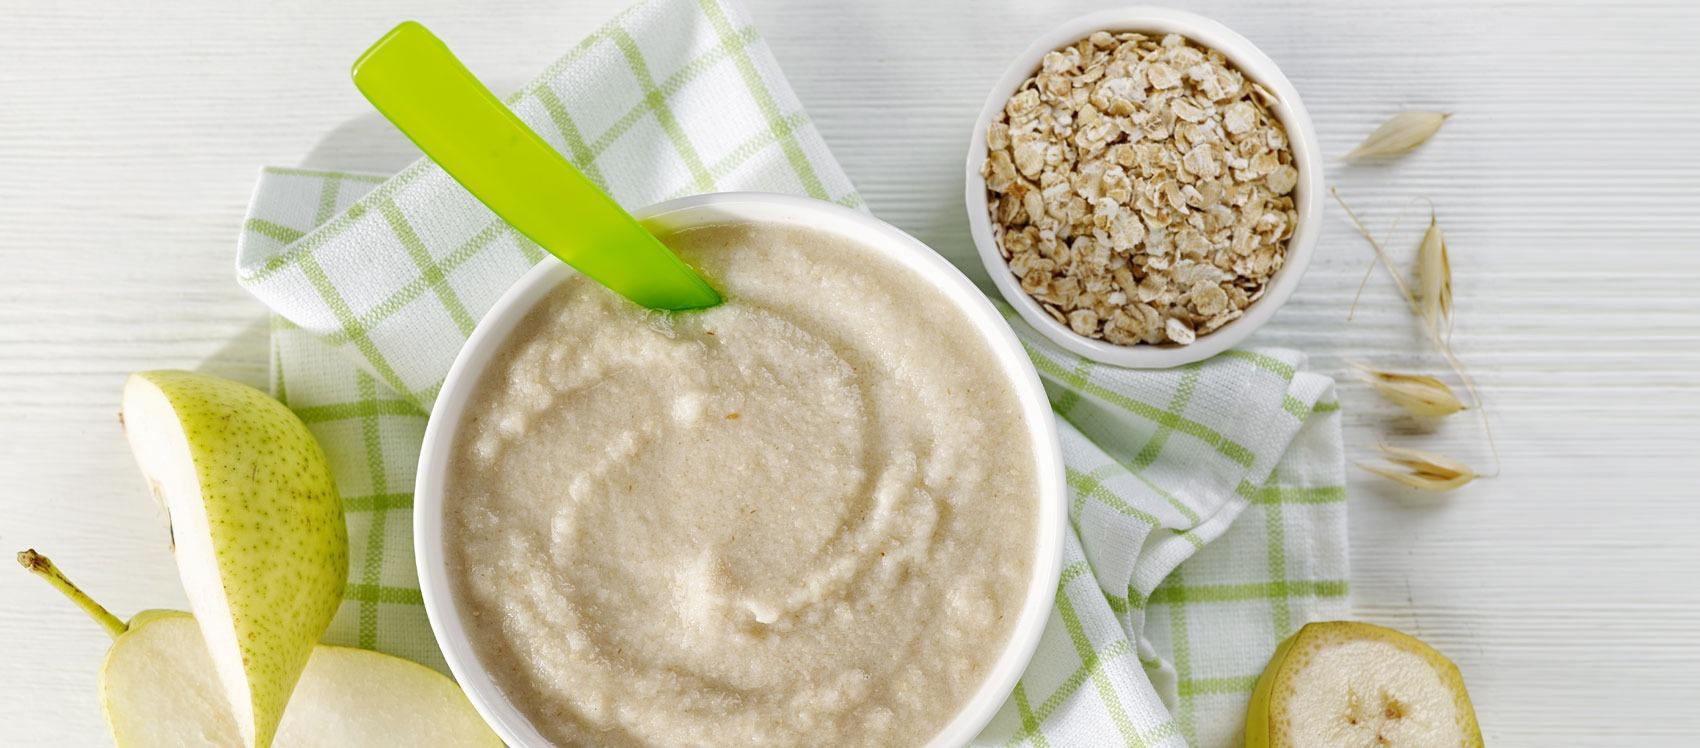 Introducción de gluten en bebés, consumo de soja y endulzantes alternativos